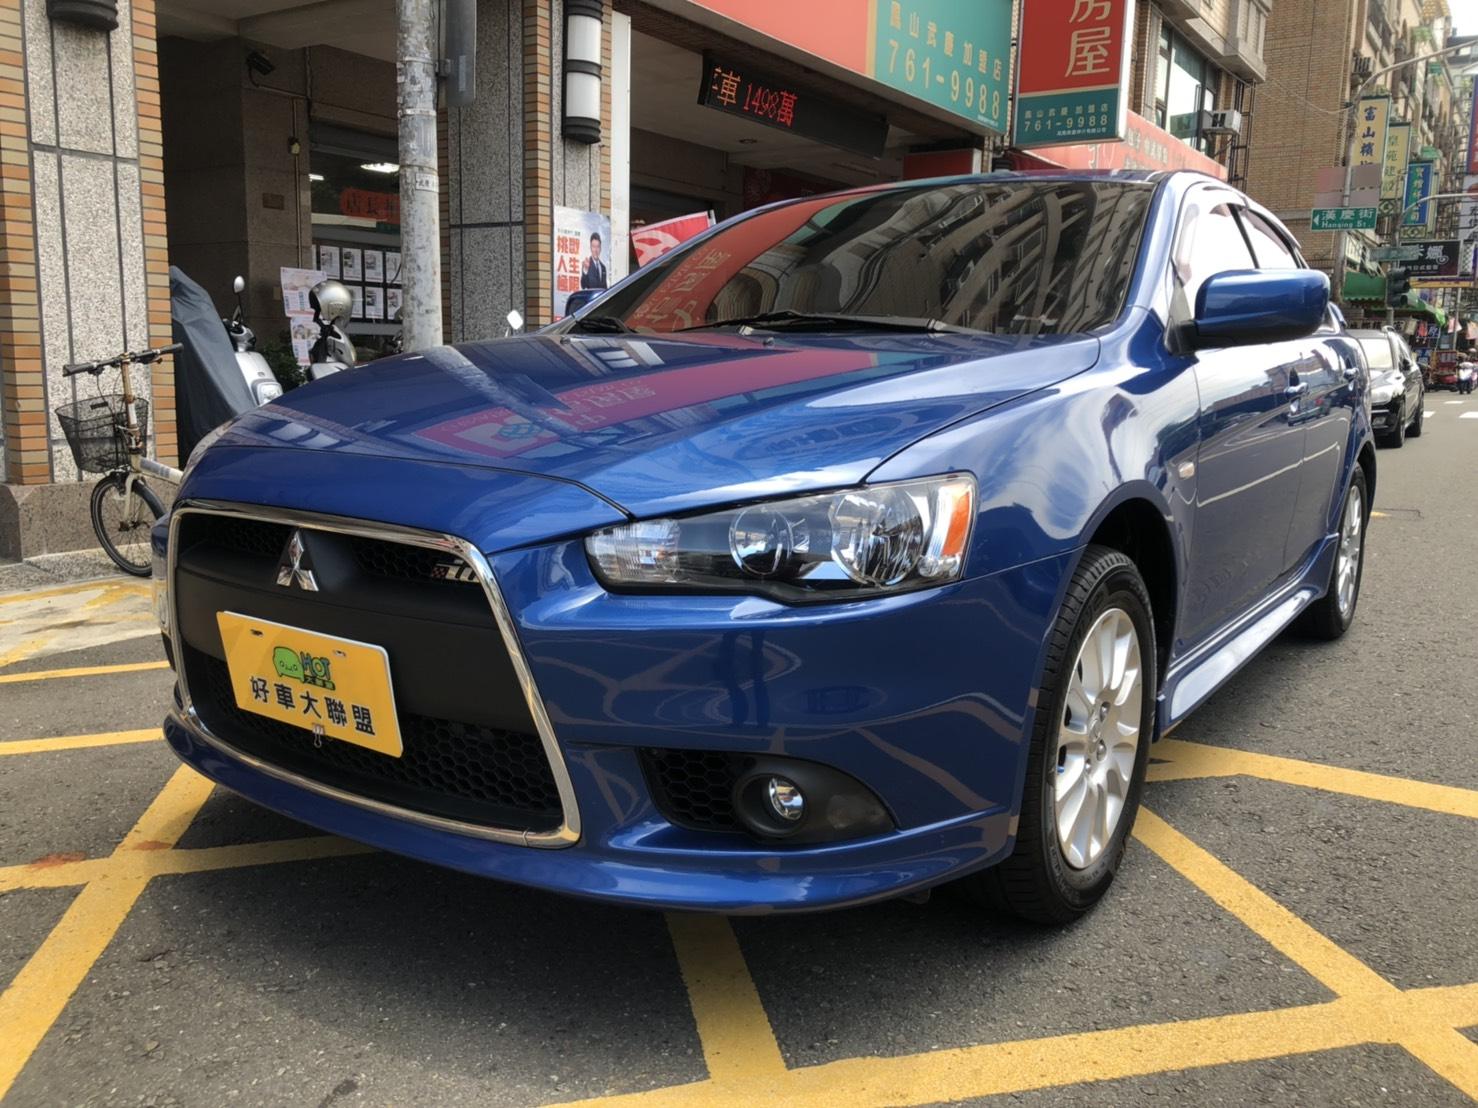 2013 Mitsubishi 三菱 Lancer io